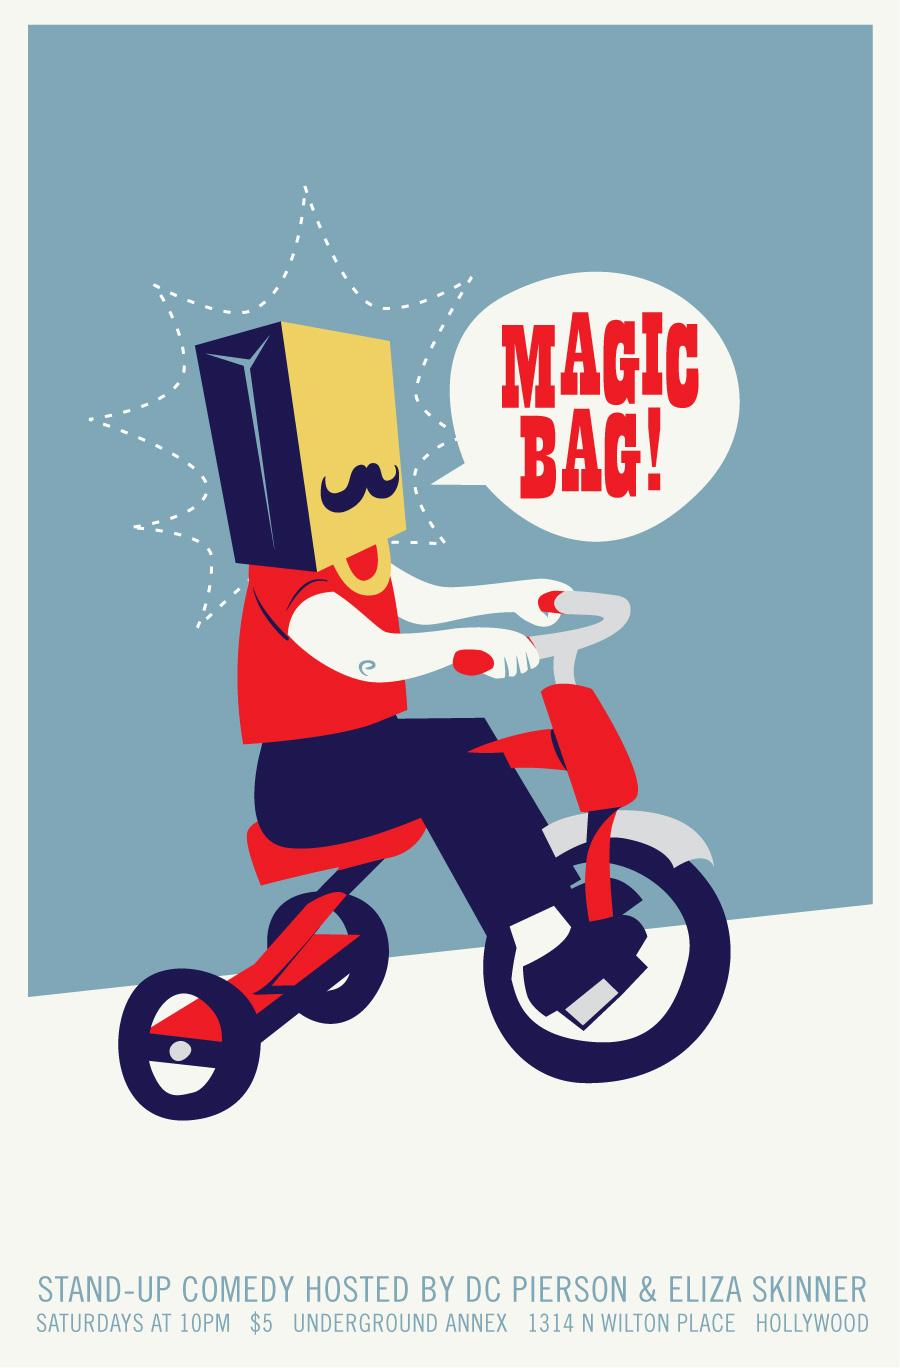 MagicBagPoster.jpg